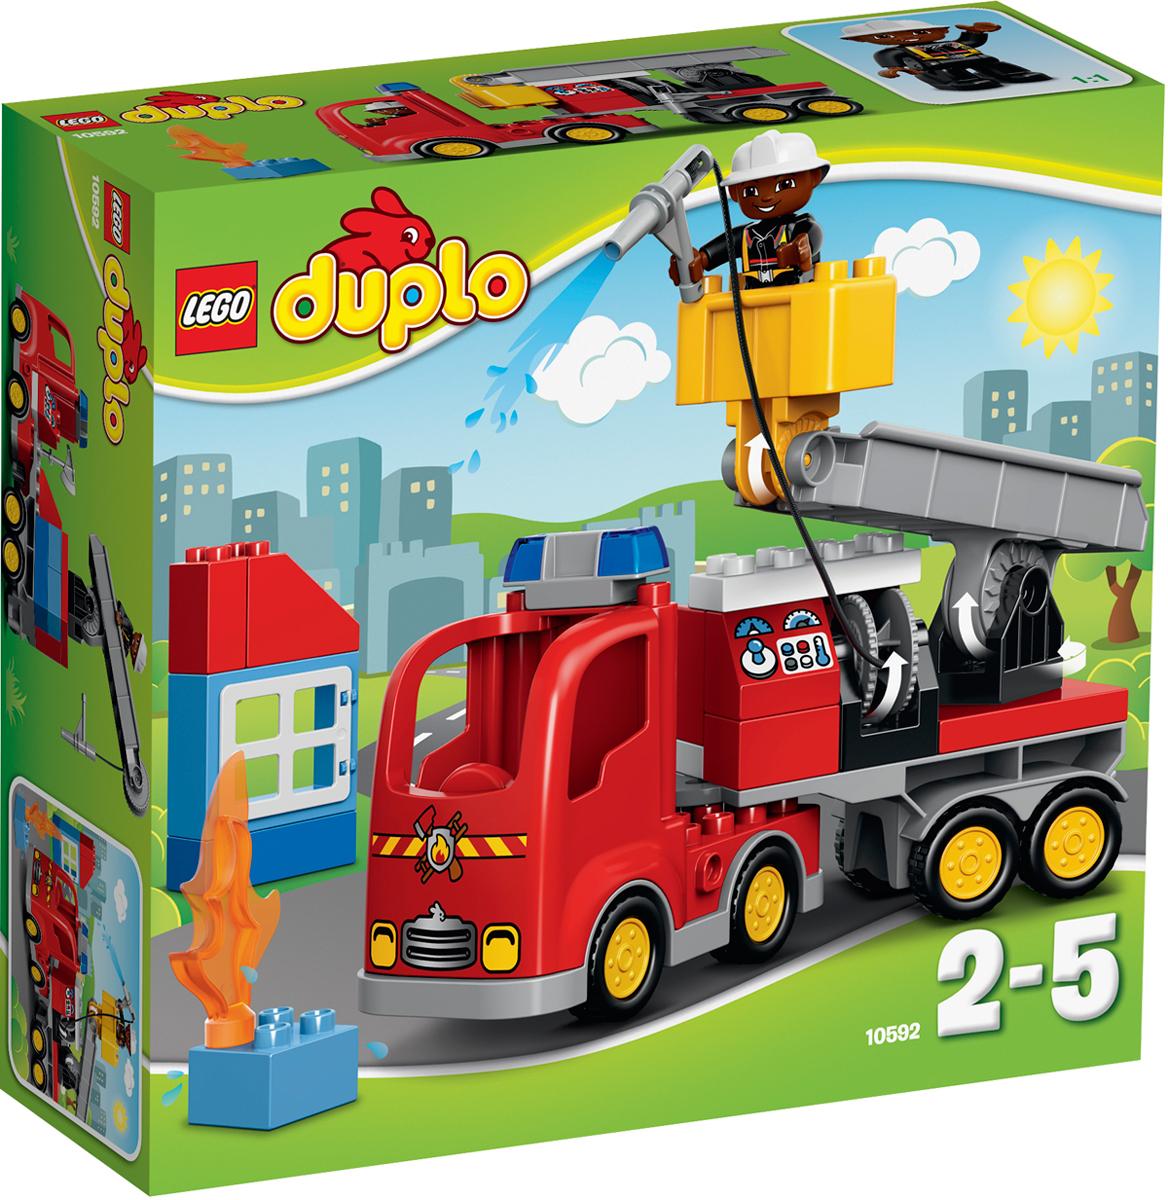 LEGO DUPLO Конструктор Пожарный грузовик 10592 комплект маек 2 шт evans evans ev006ewsqq47